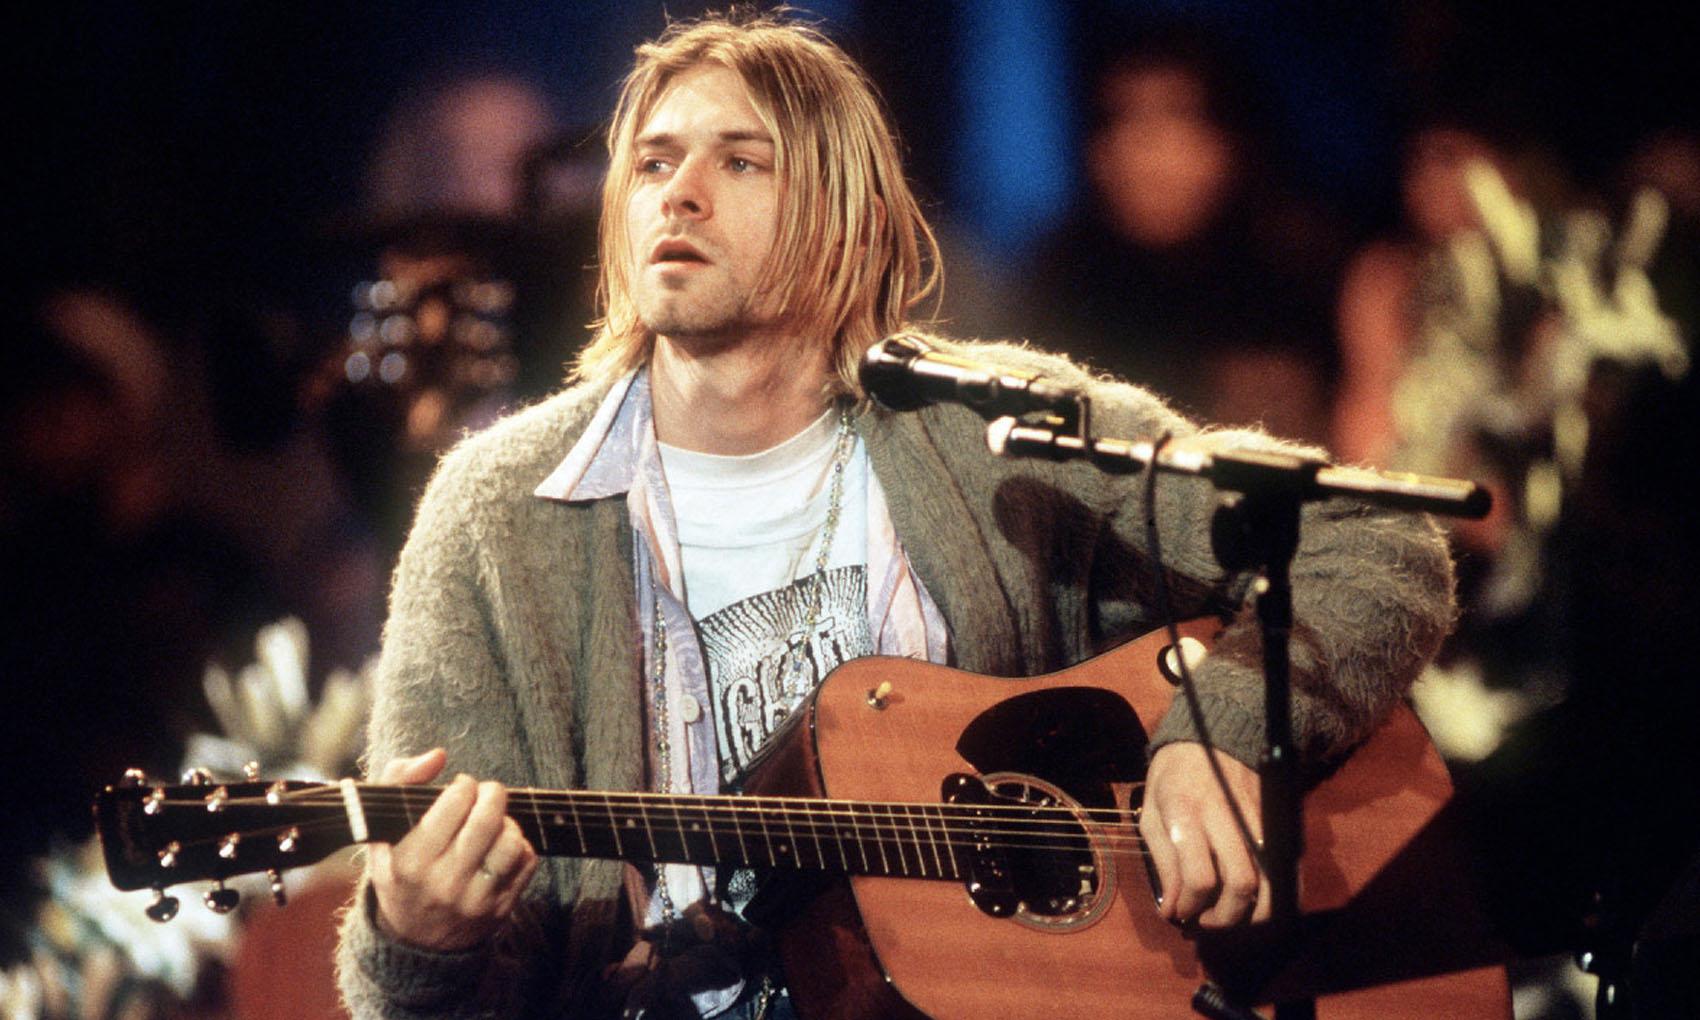 Kurt Cobain, Nirvana, Unplugged in New York